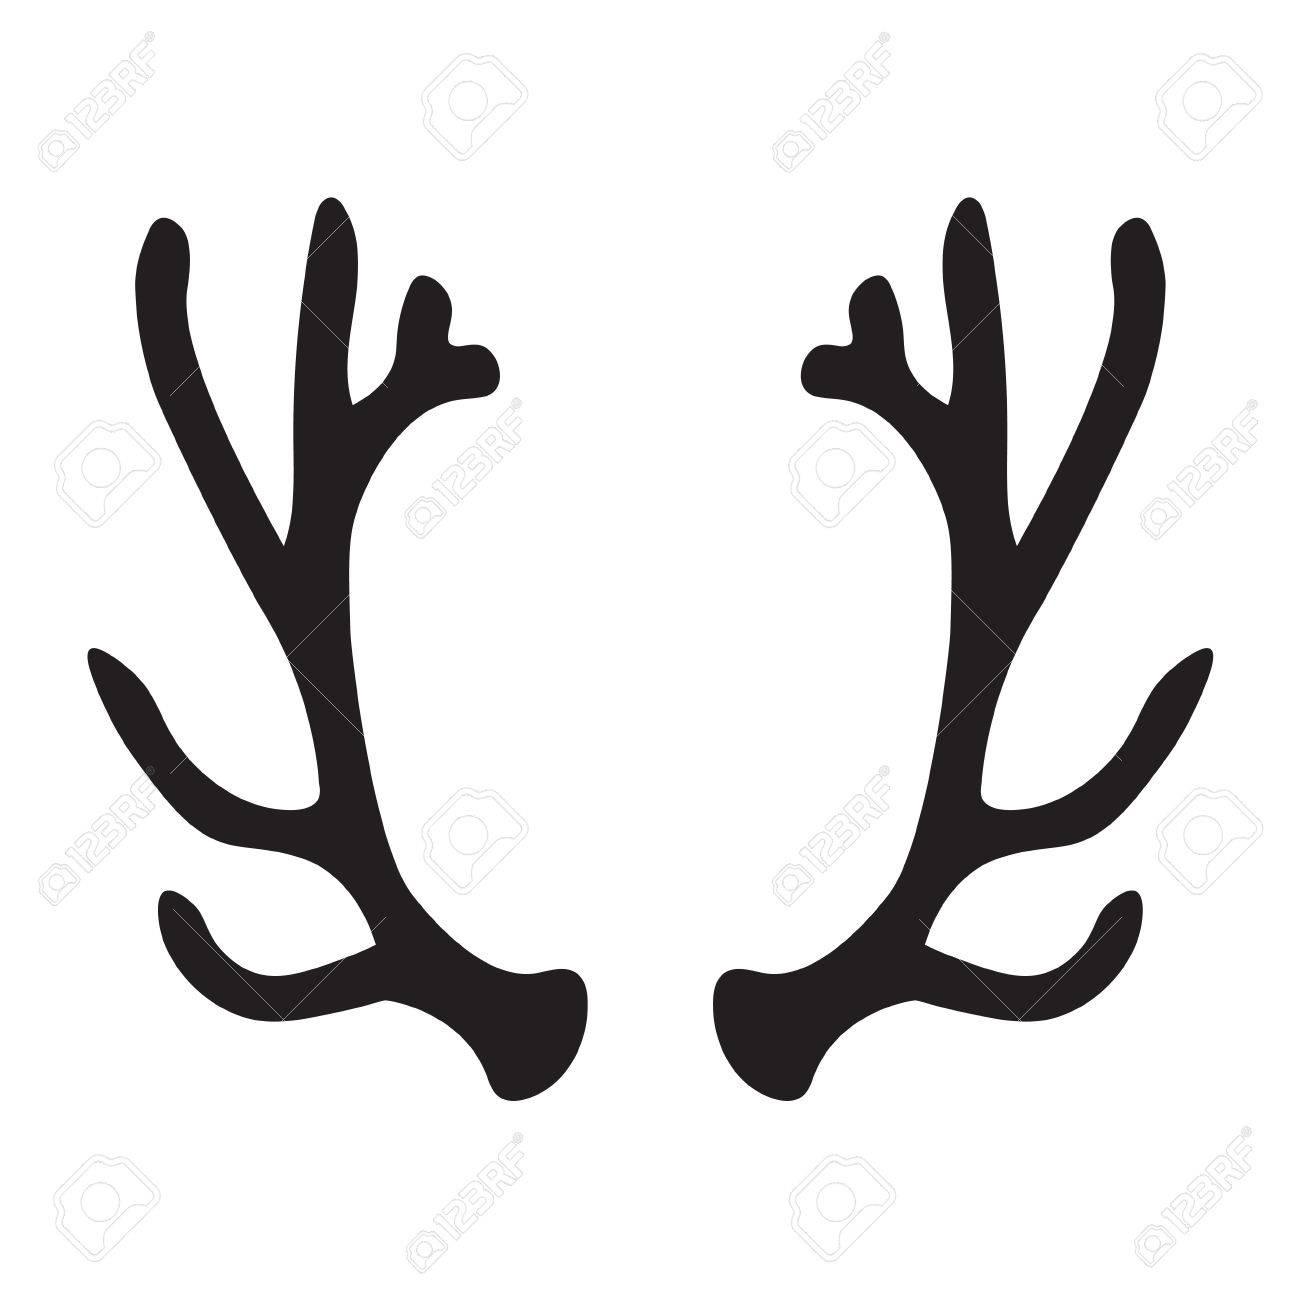 black silhouette of deer antlers vector illustration royalty free rh 123rf com free deer antler vector images deer antlers vector free